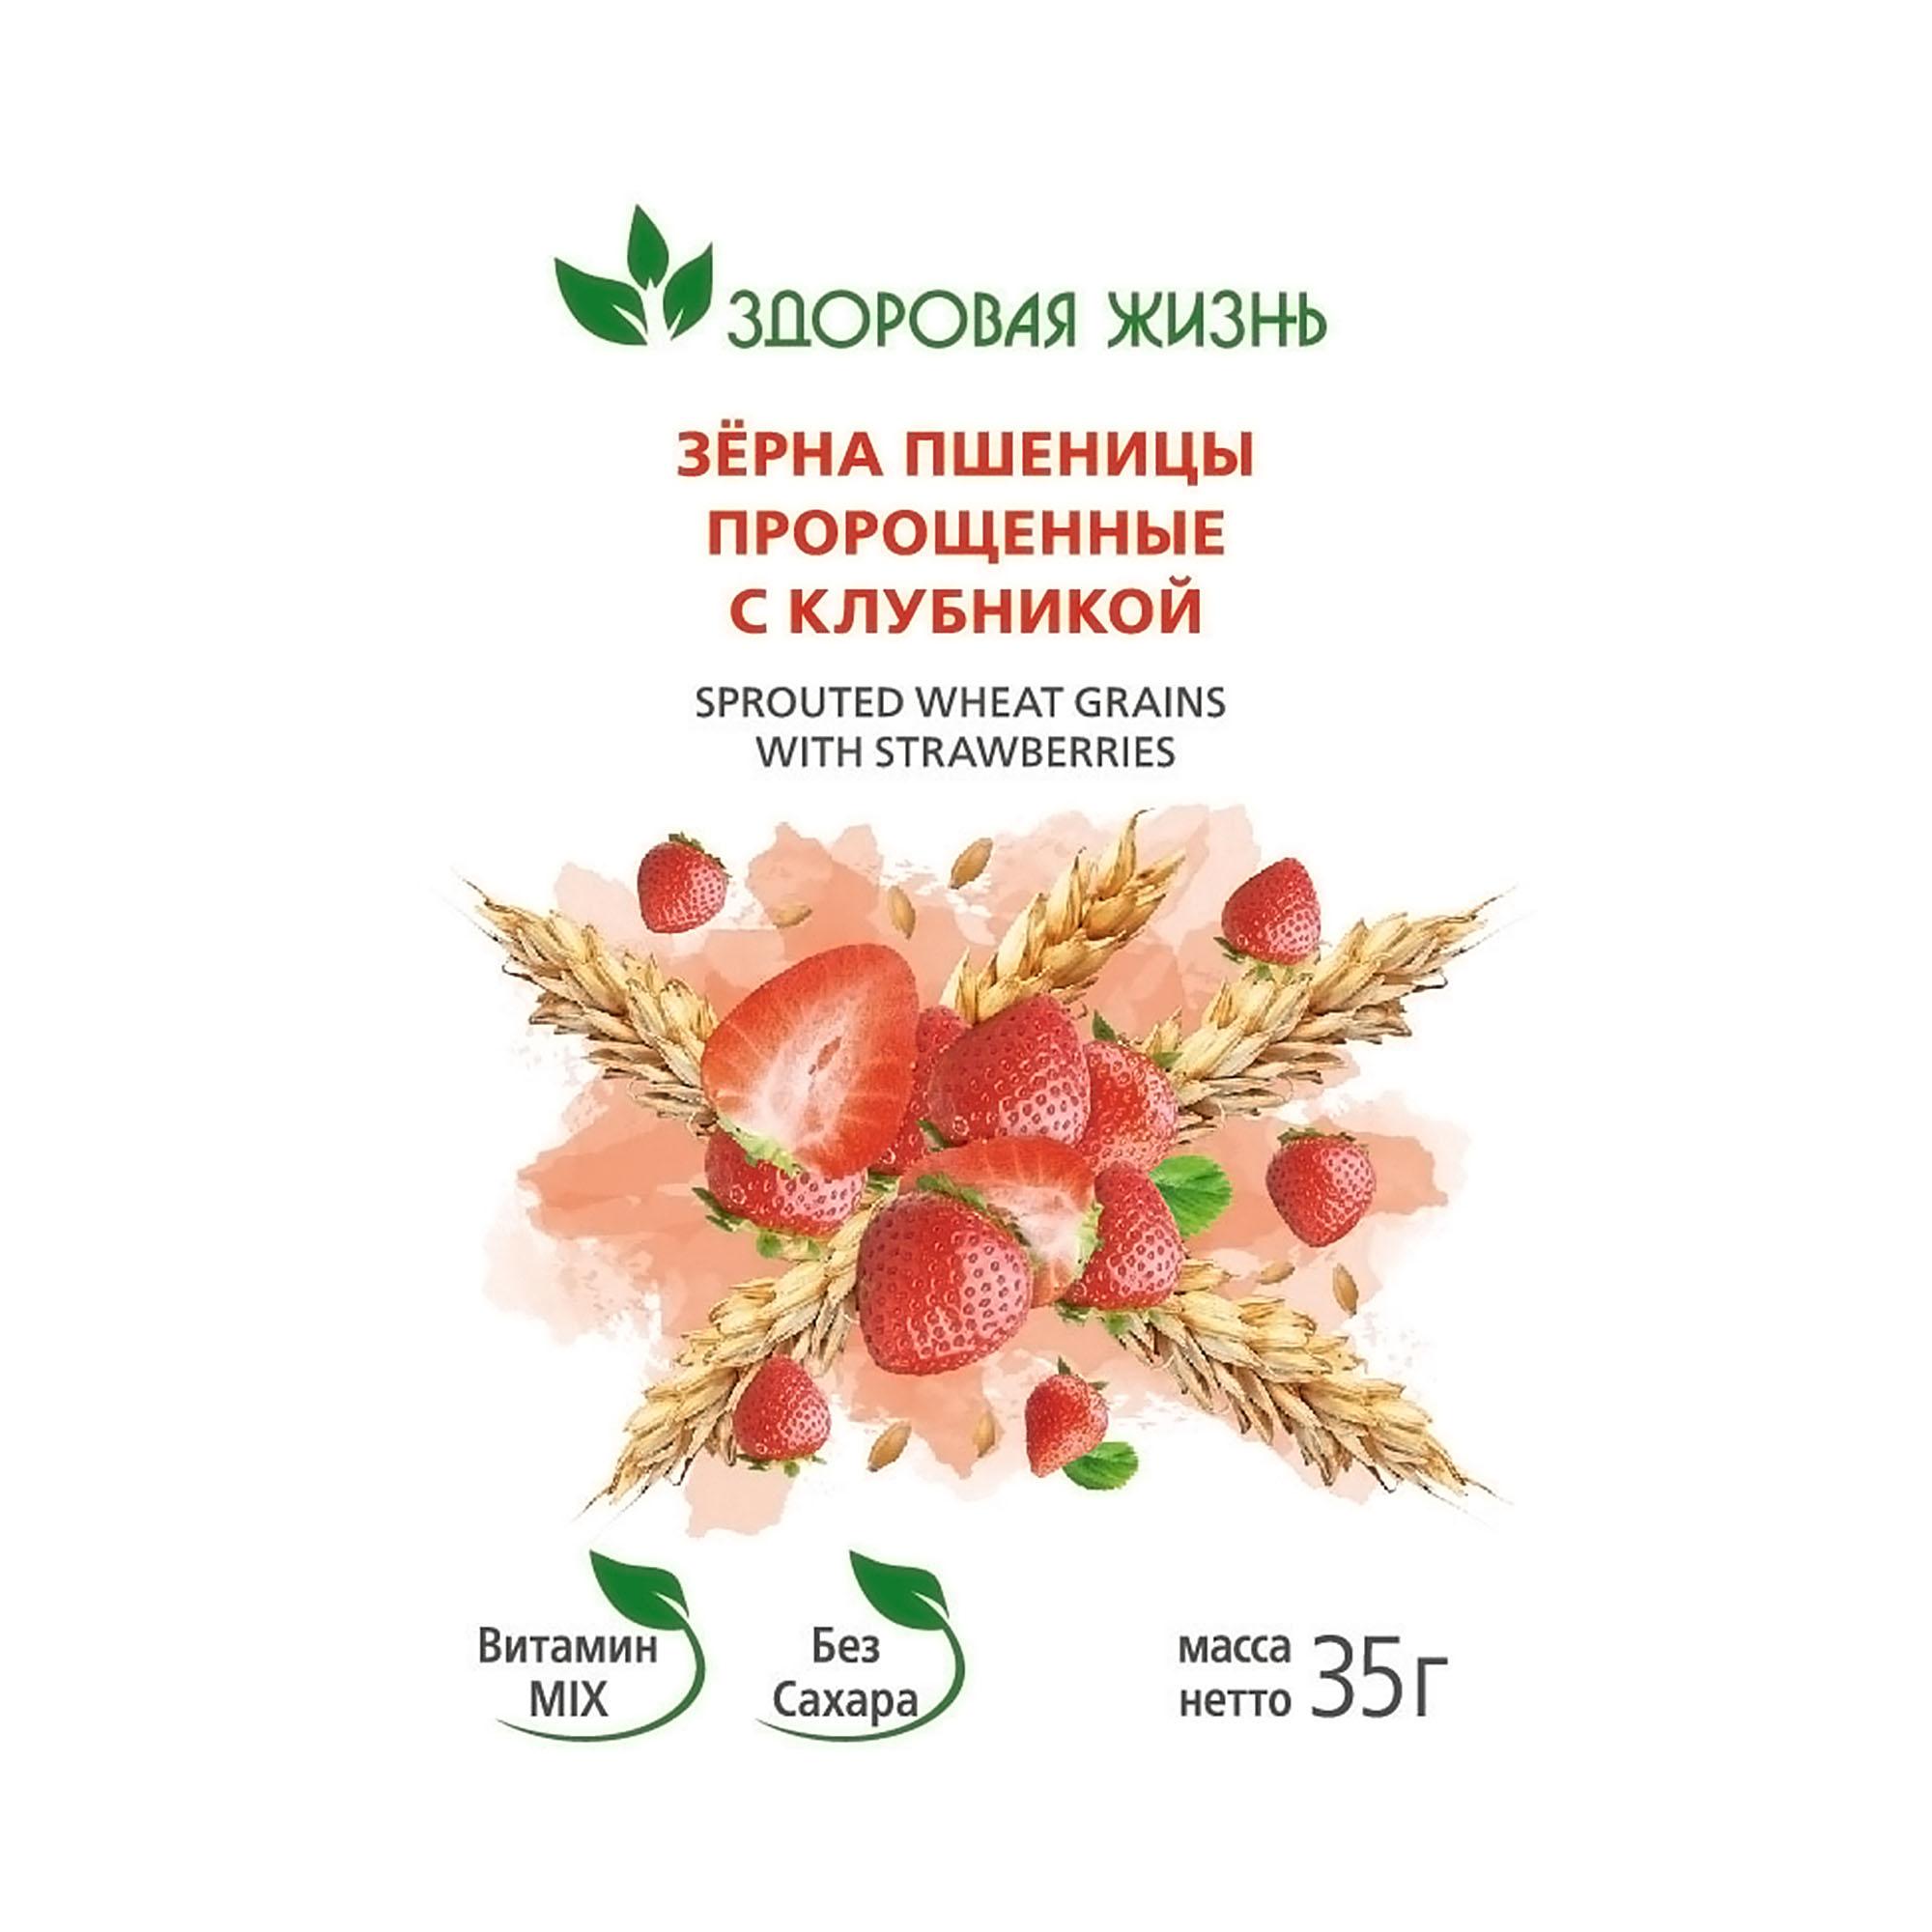 Зерна пшеницы пророщенные Здоровая Жизнь с клубникой, 35 г